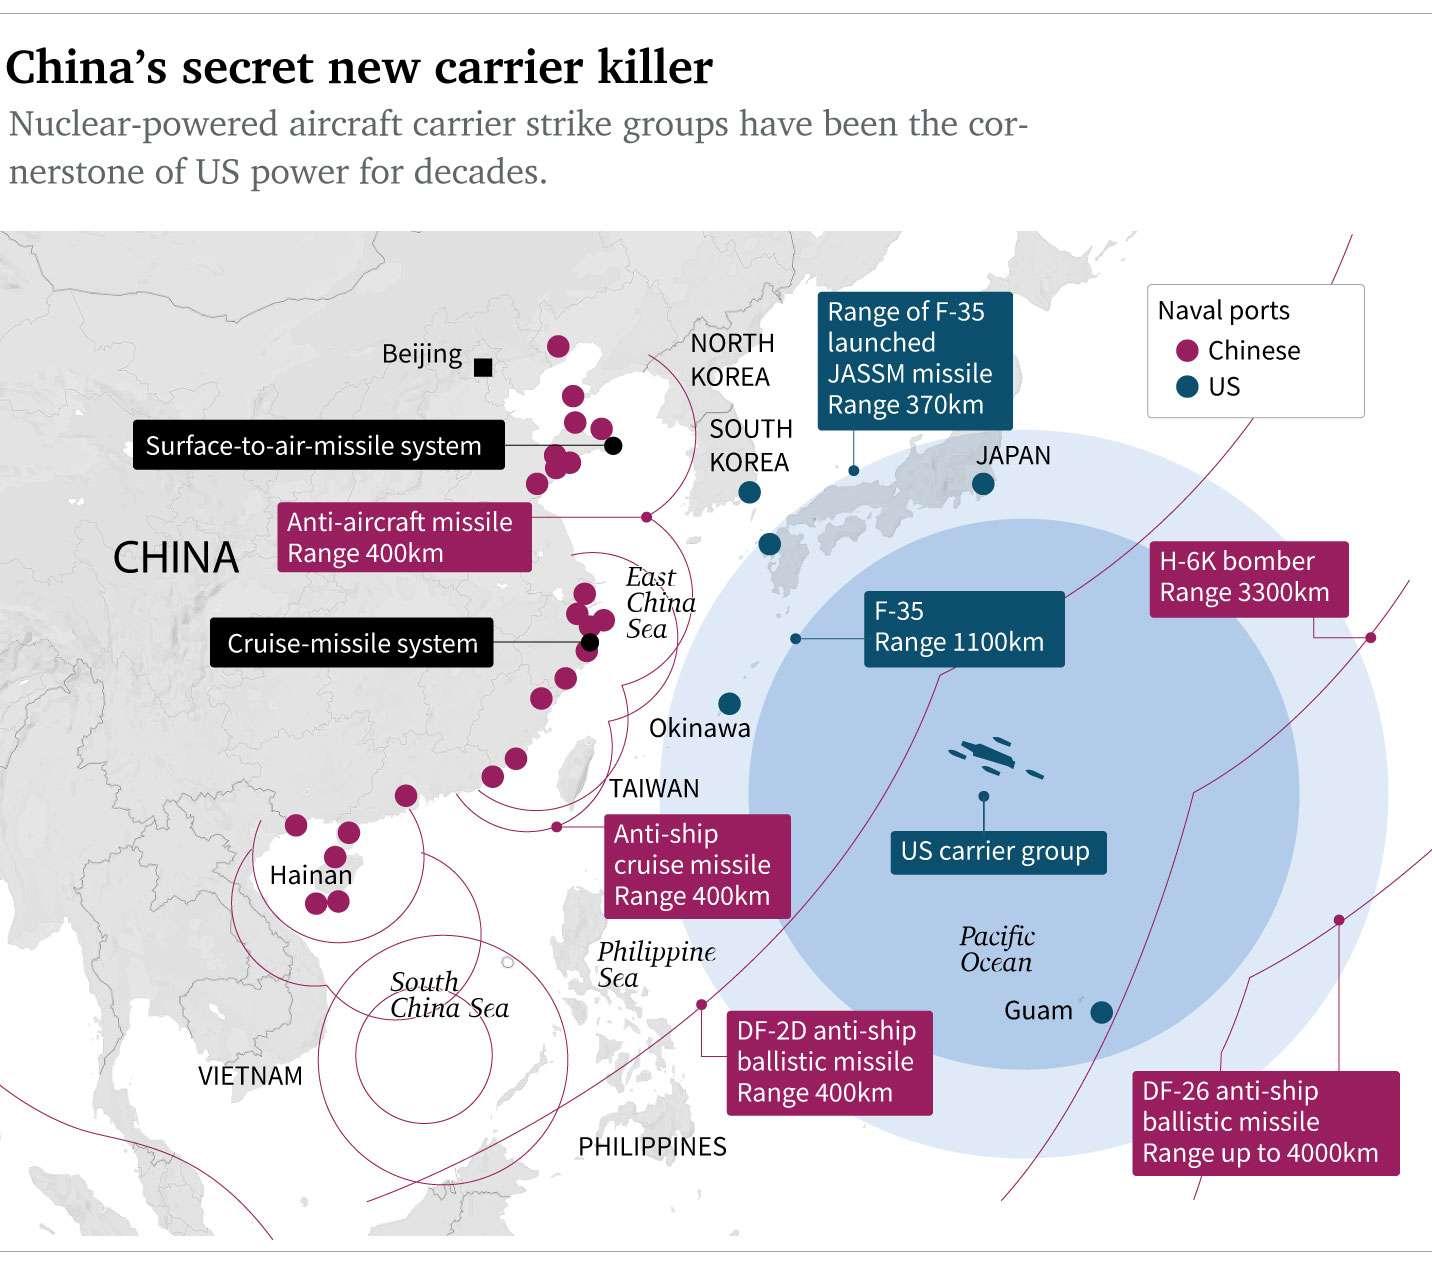 NED-2879-China's carrier killer - 0